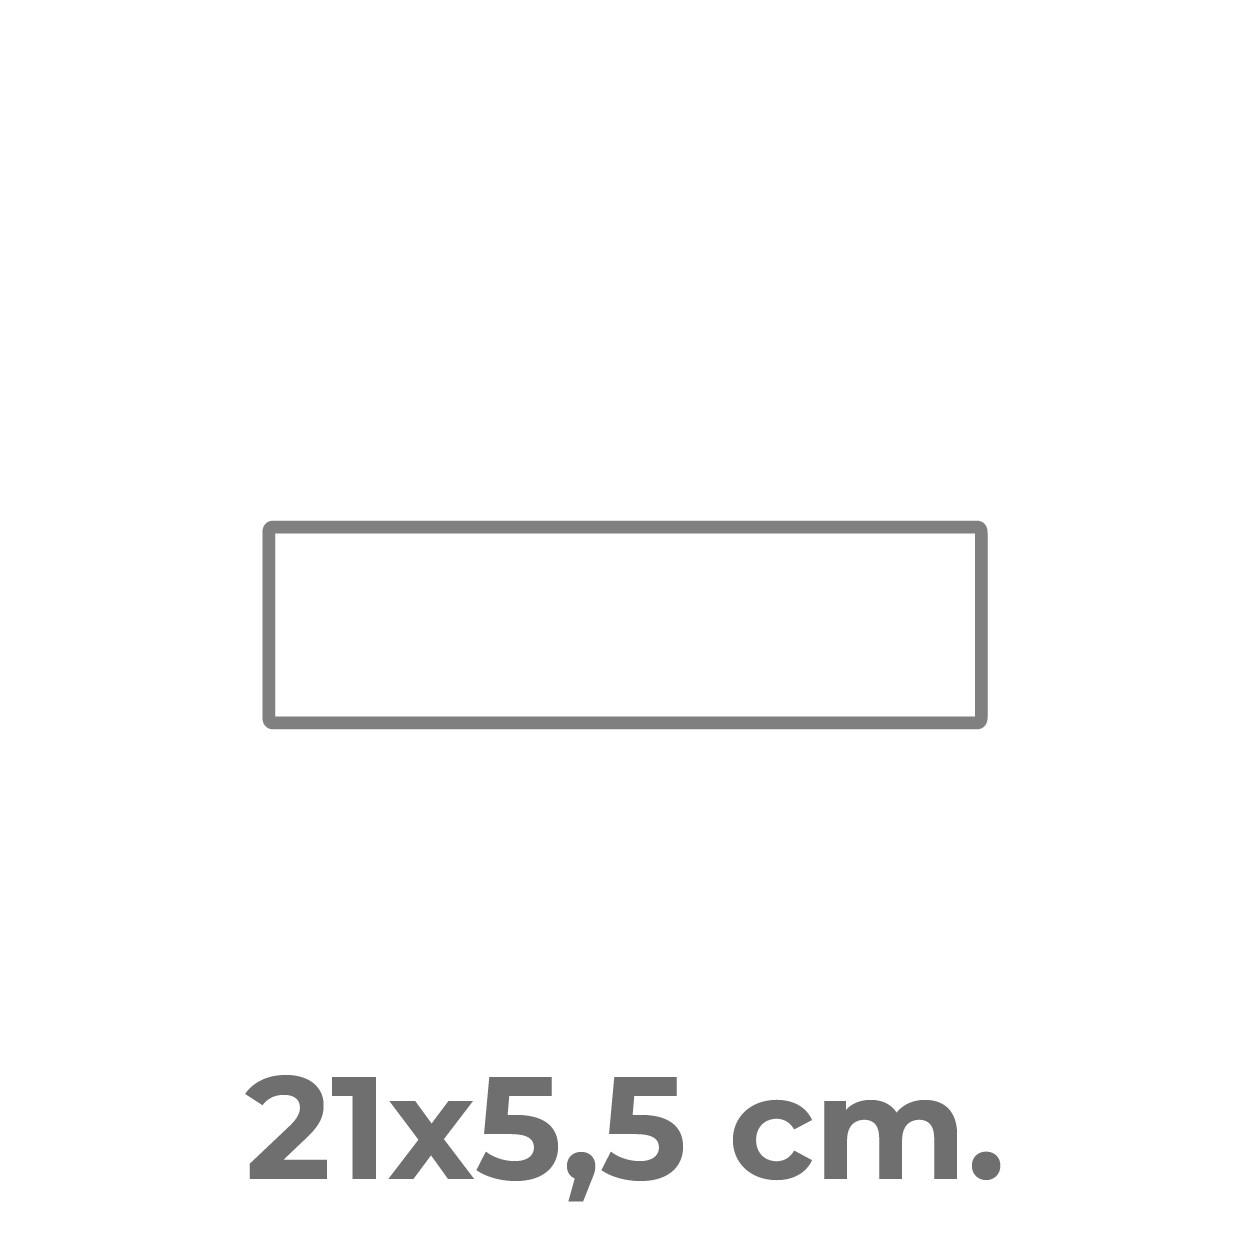 21x5,5 cm